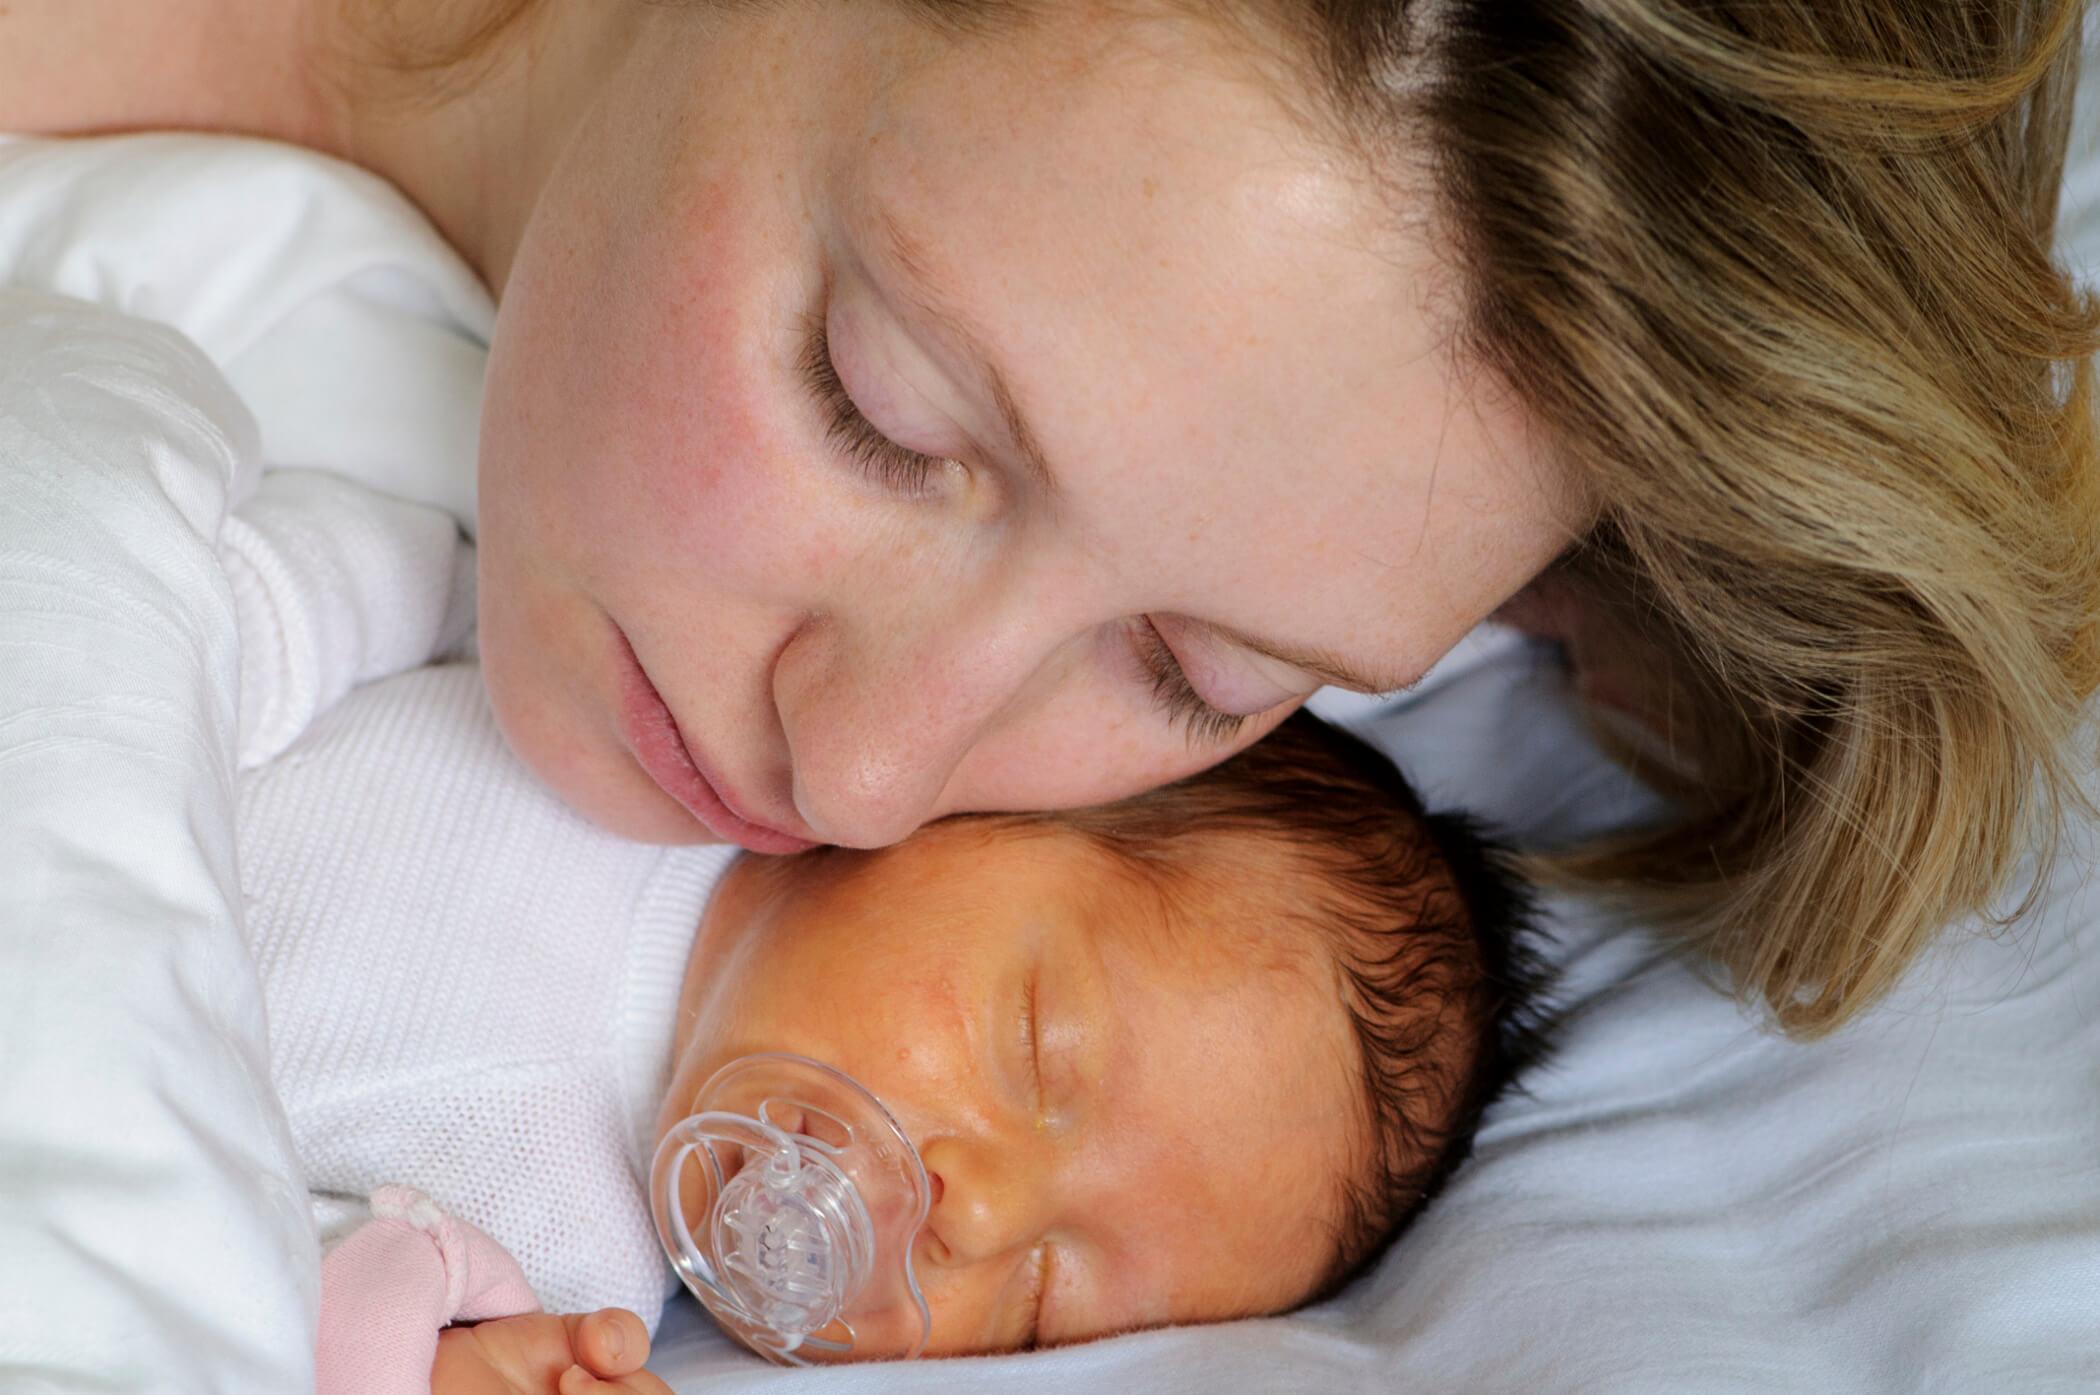 Лечение желтушки у новорожденных в домашних условиях: причины, симптомы и методы лечения